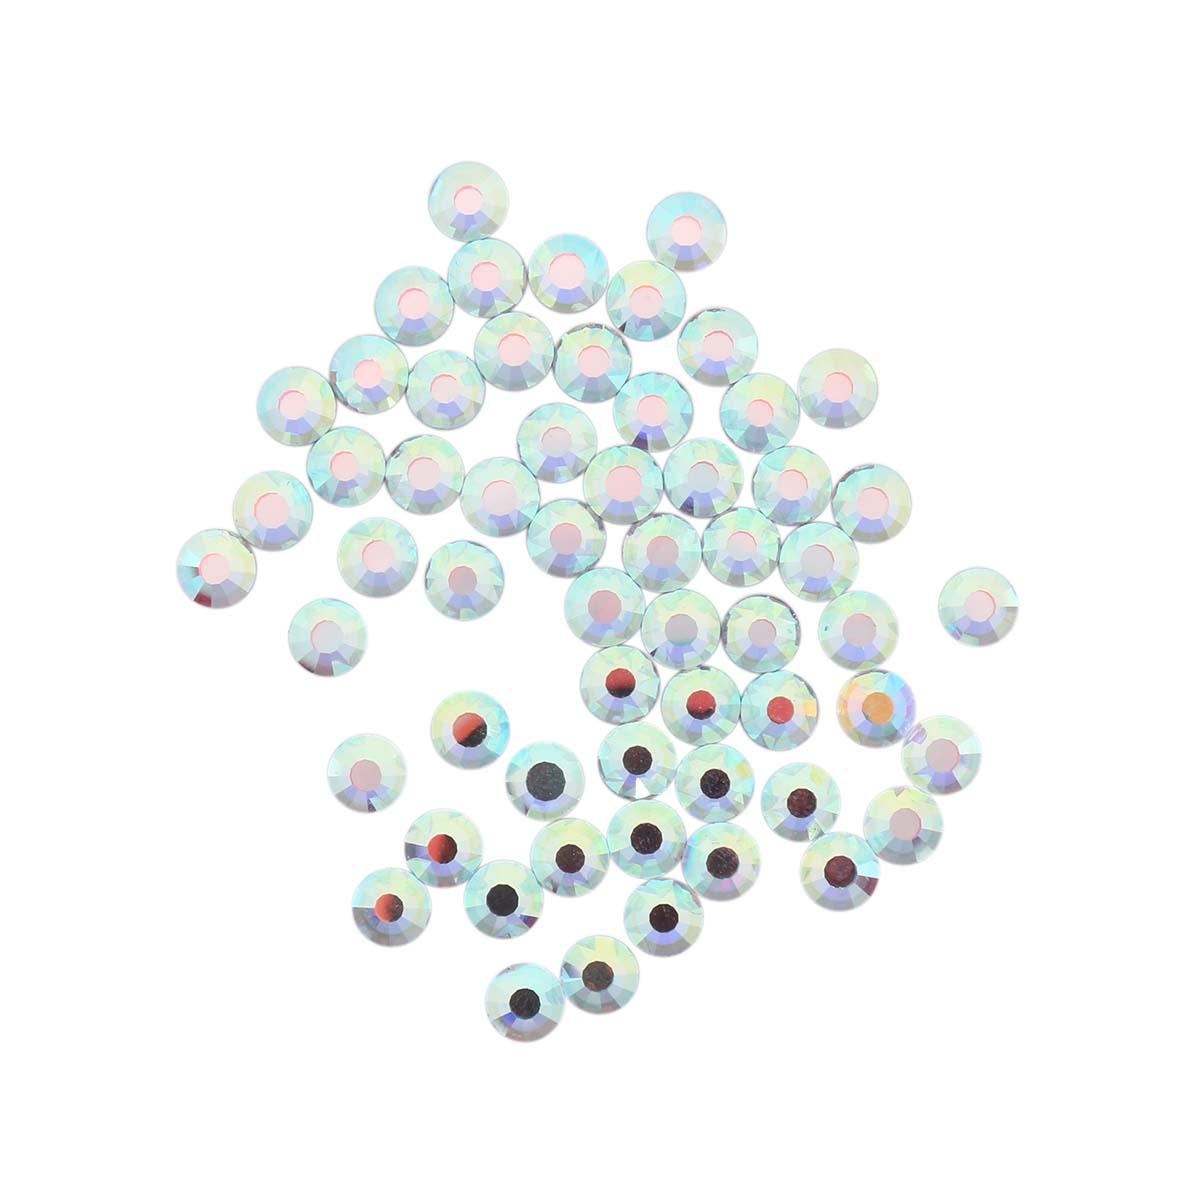 438-11-612 Стразы термоклеевые Crystal AB SS20 60 шт. Preciosa